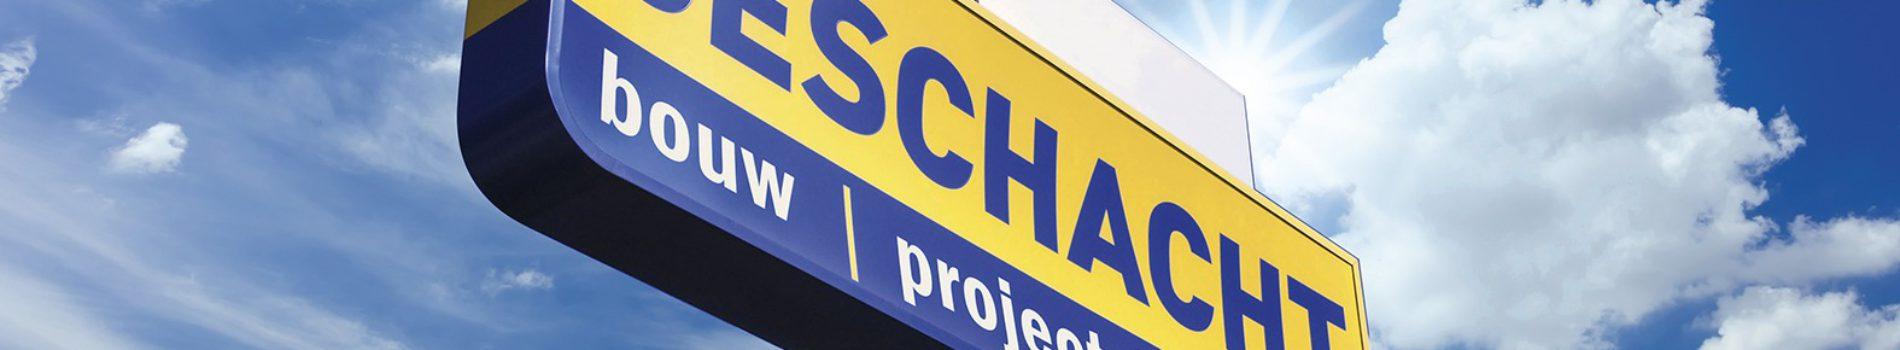 Header paneel Deschacht Bouwmaterialen